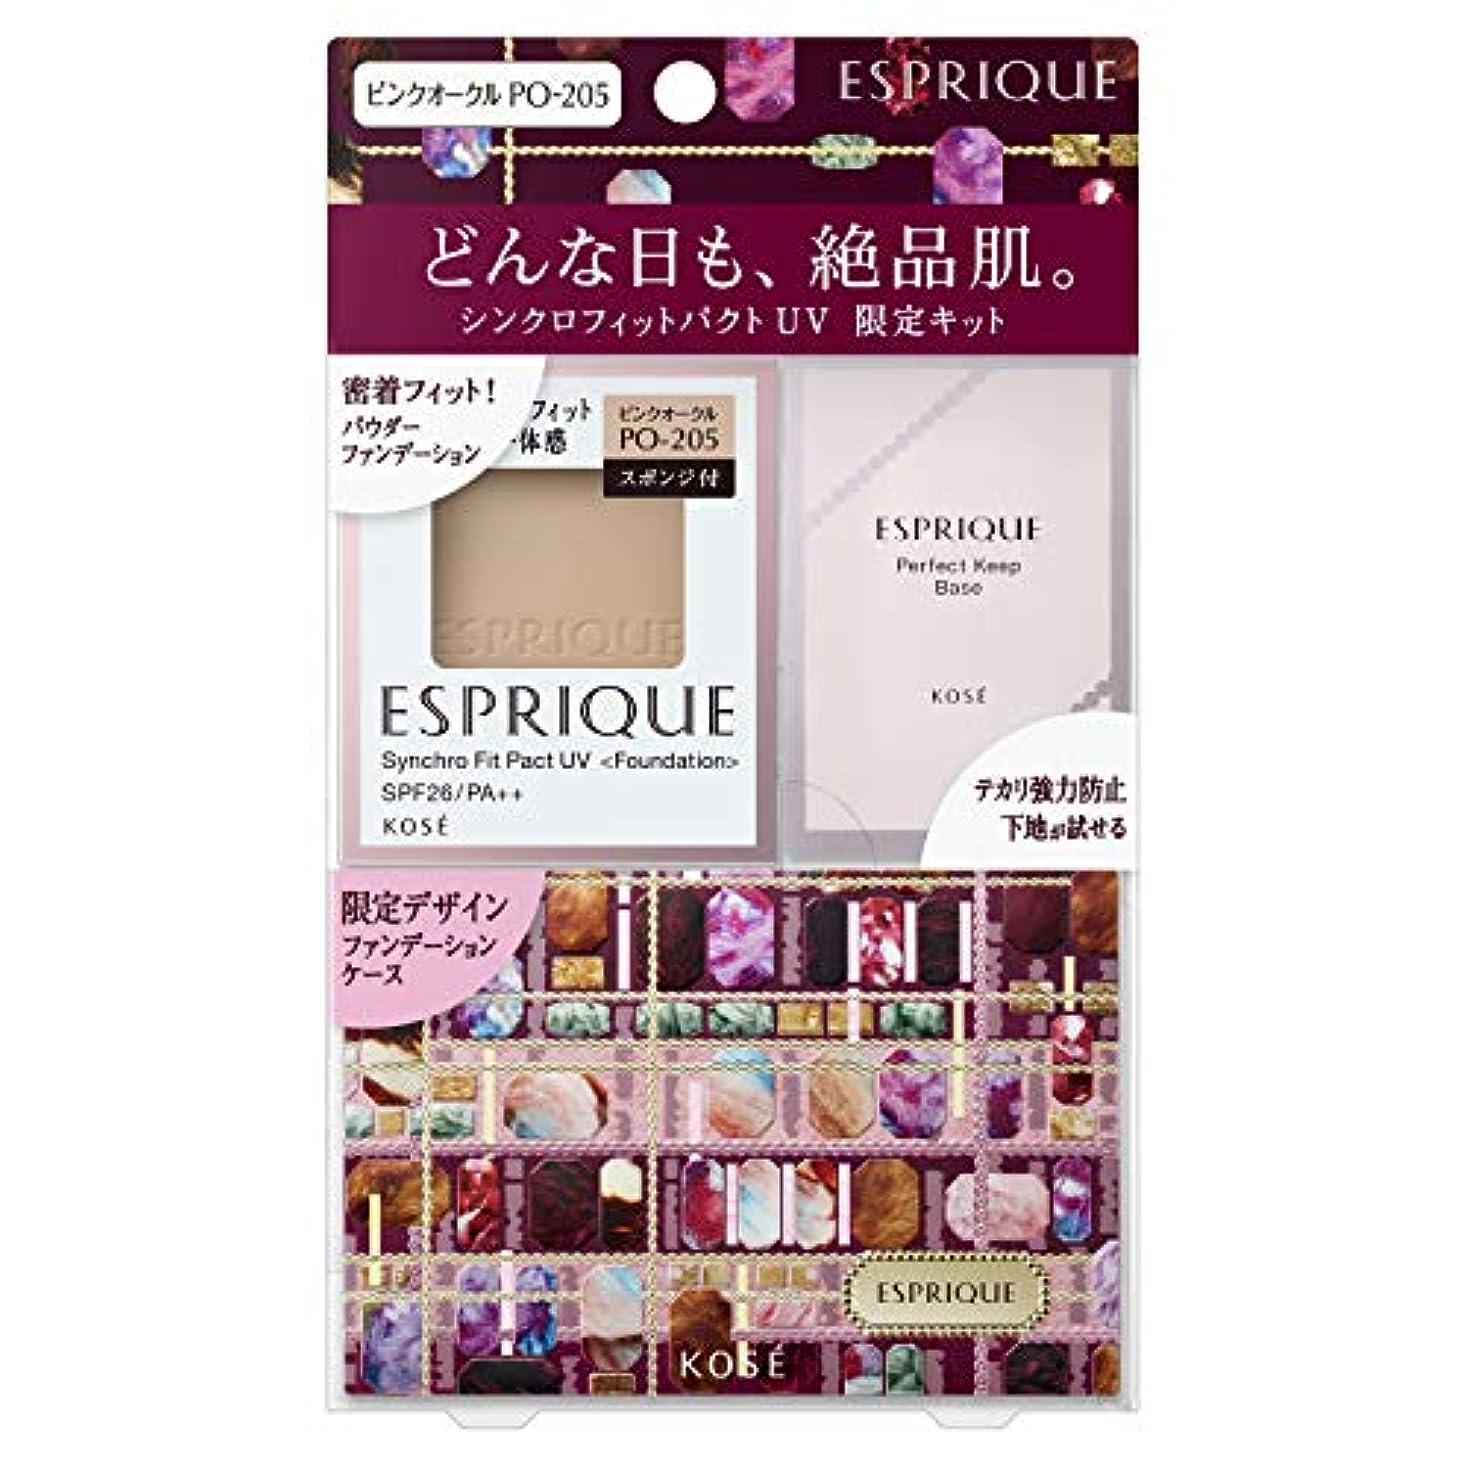 エスプリーク シンクロフィット パクト UV 限定キット 2 PO-205 ピンクオークル